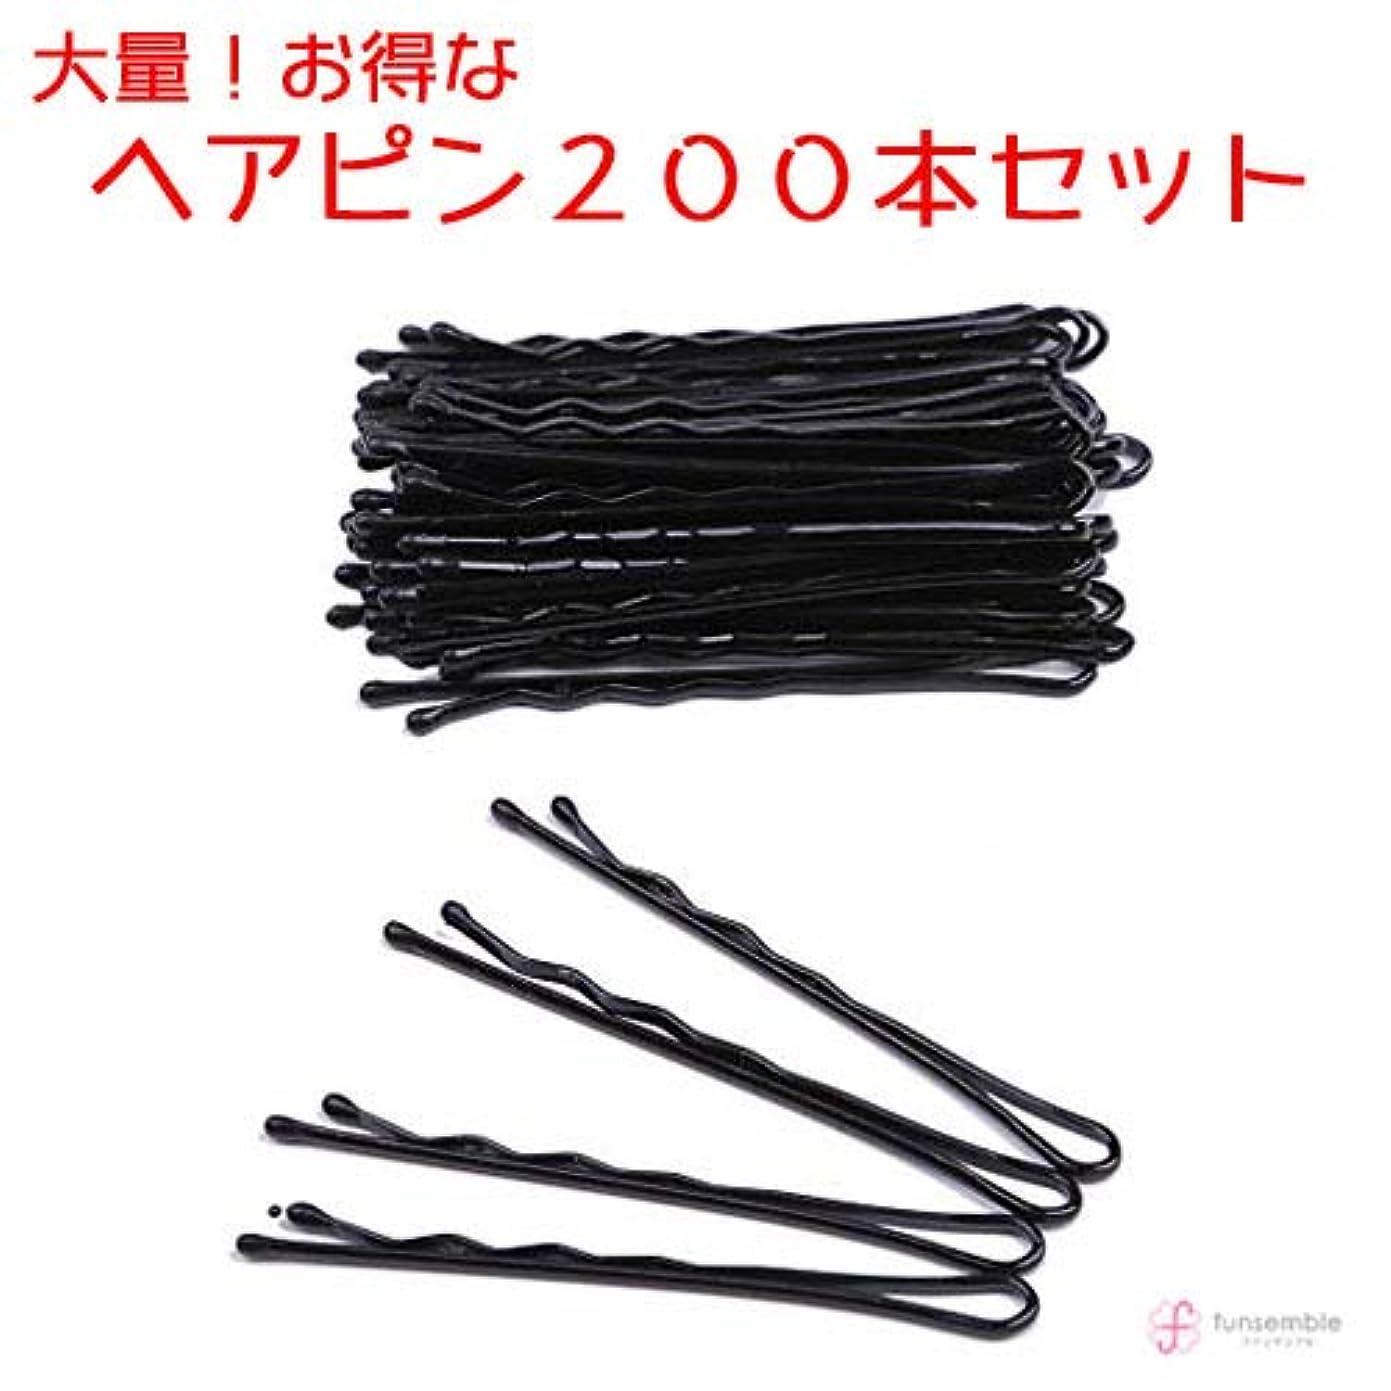 恥ずかしい種をまくテロfunsemble ヘアピン 200本セット おしゃれ 髪束ね ヘアアレンジ (ブラック 55mm(クローズ型))